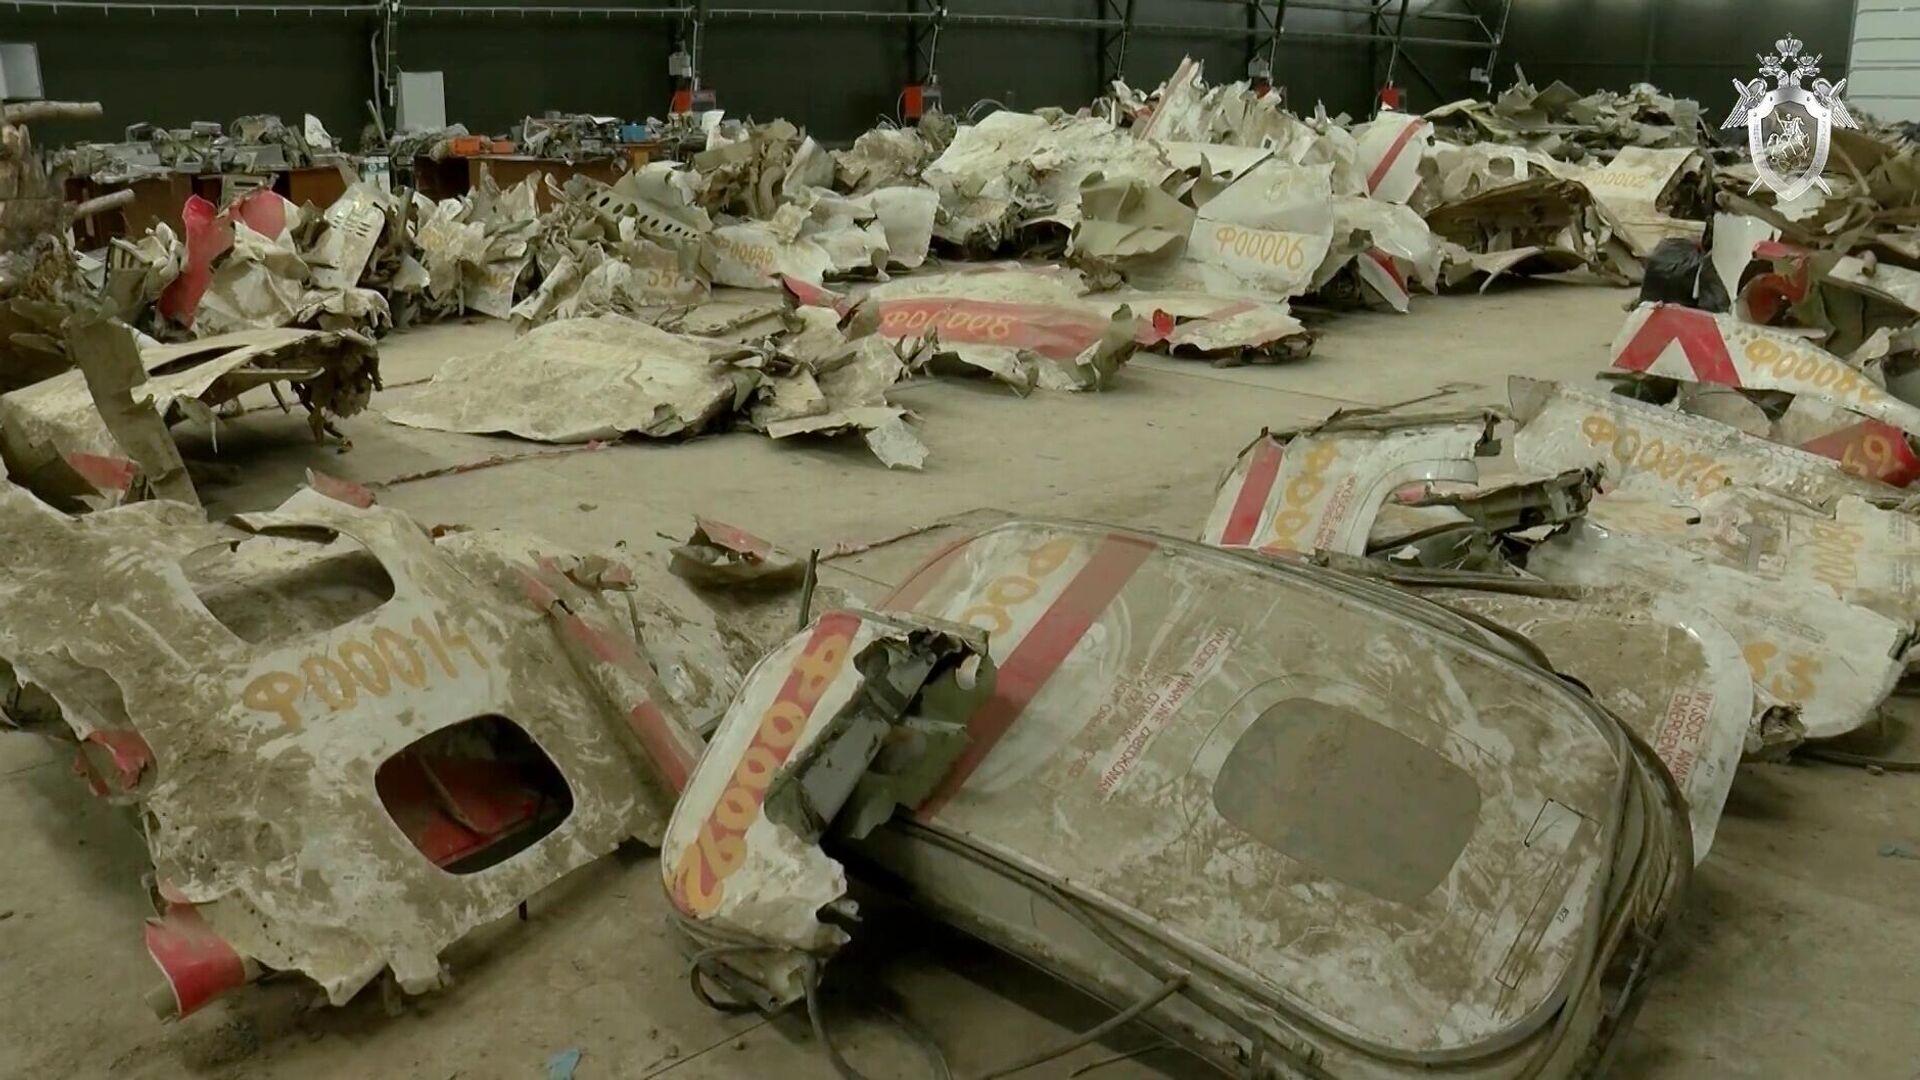 Обломки самолета Ту-154М, изъятые в ходе осмотра места происшествия и признанные вещественными доказательствами по уголовному делу - РИА Новости, 1920, 17.09.2020